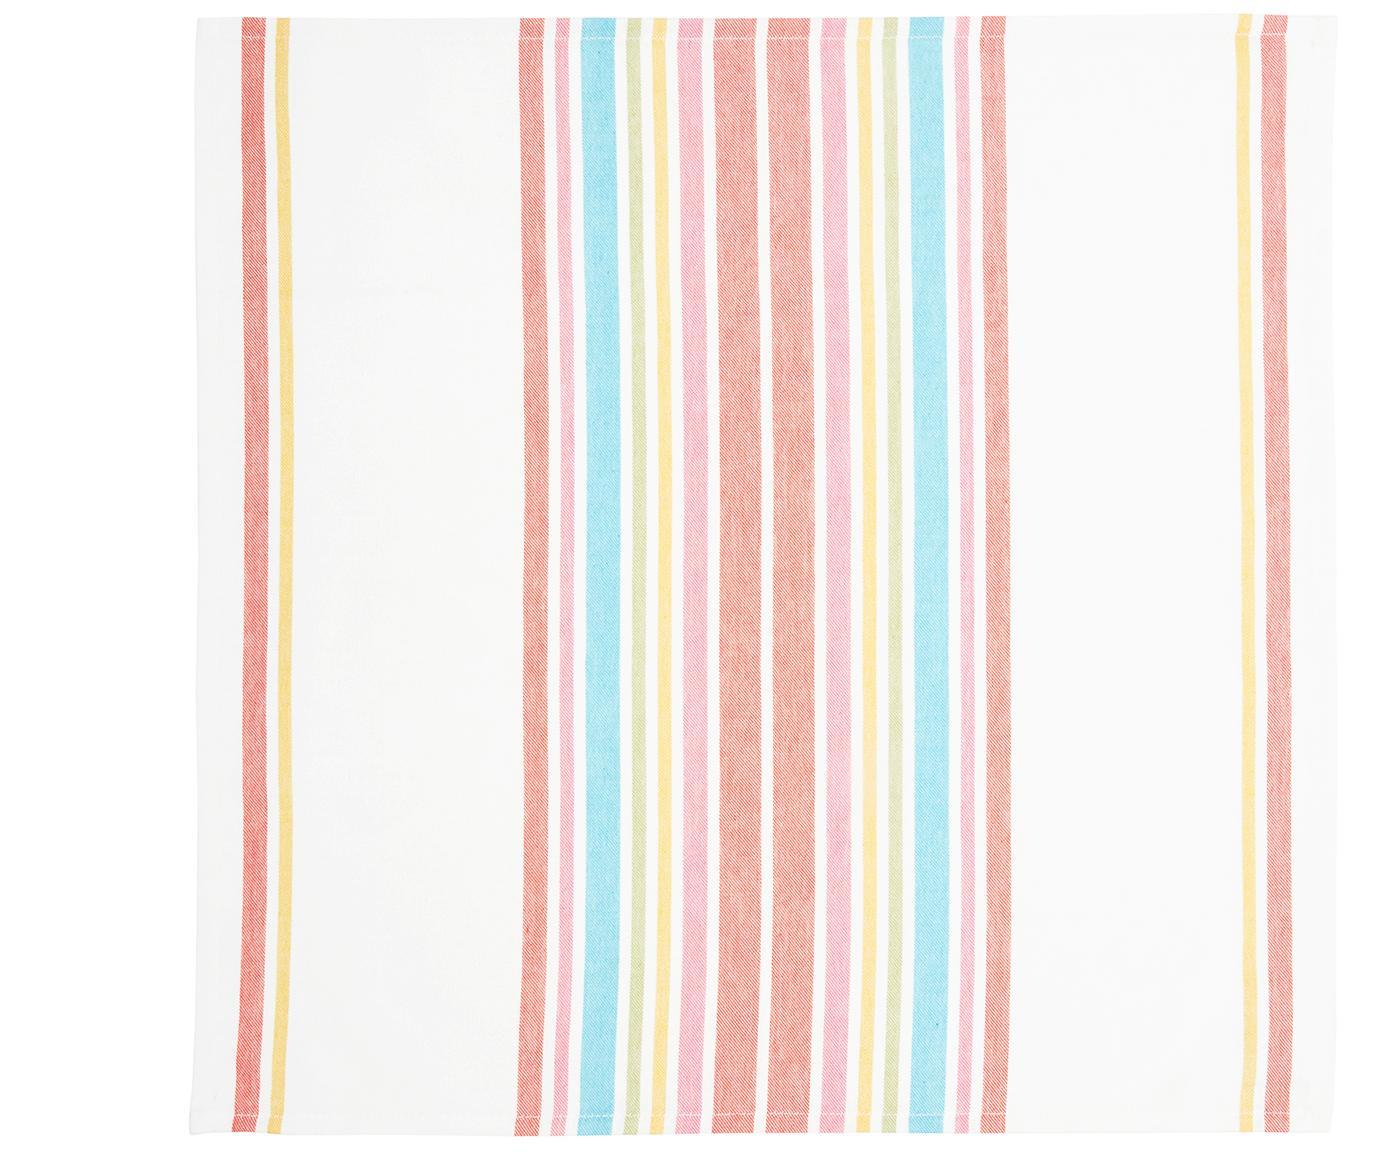 Baumwoll-Servietten Katie, 2 Stück, Baumwolle, Mehrfarbig, 50 x 50 cm